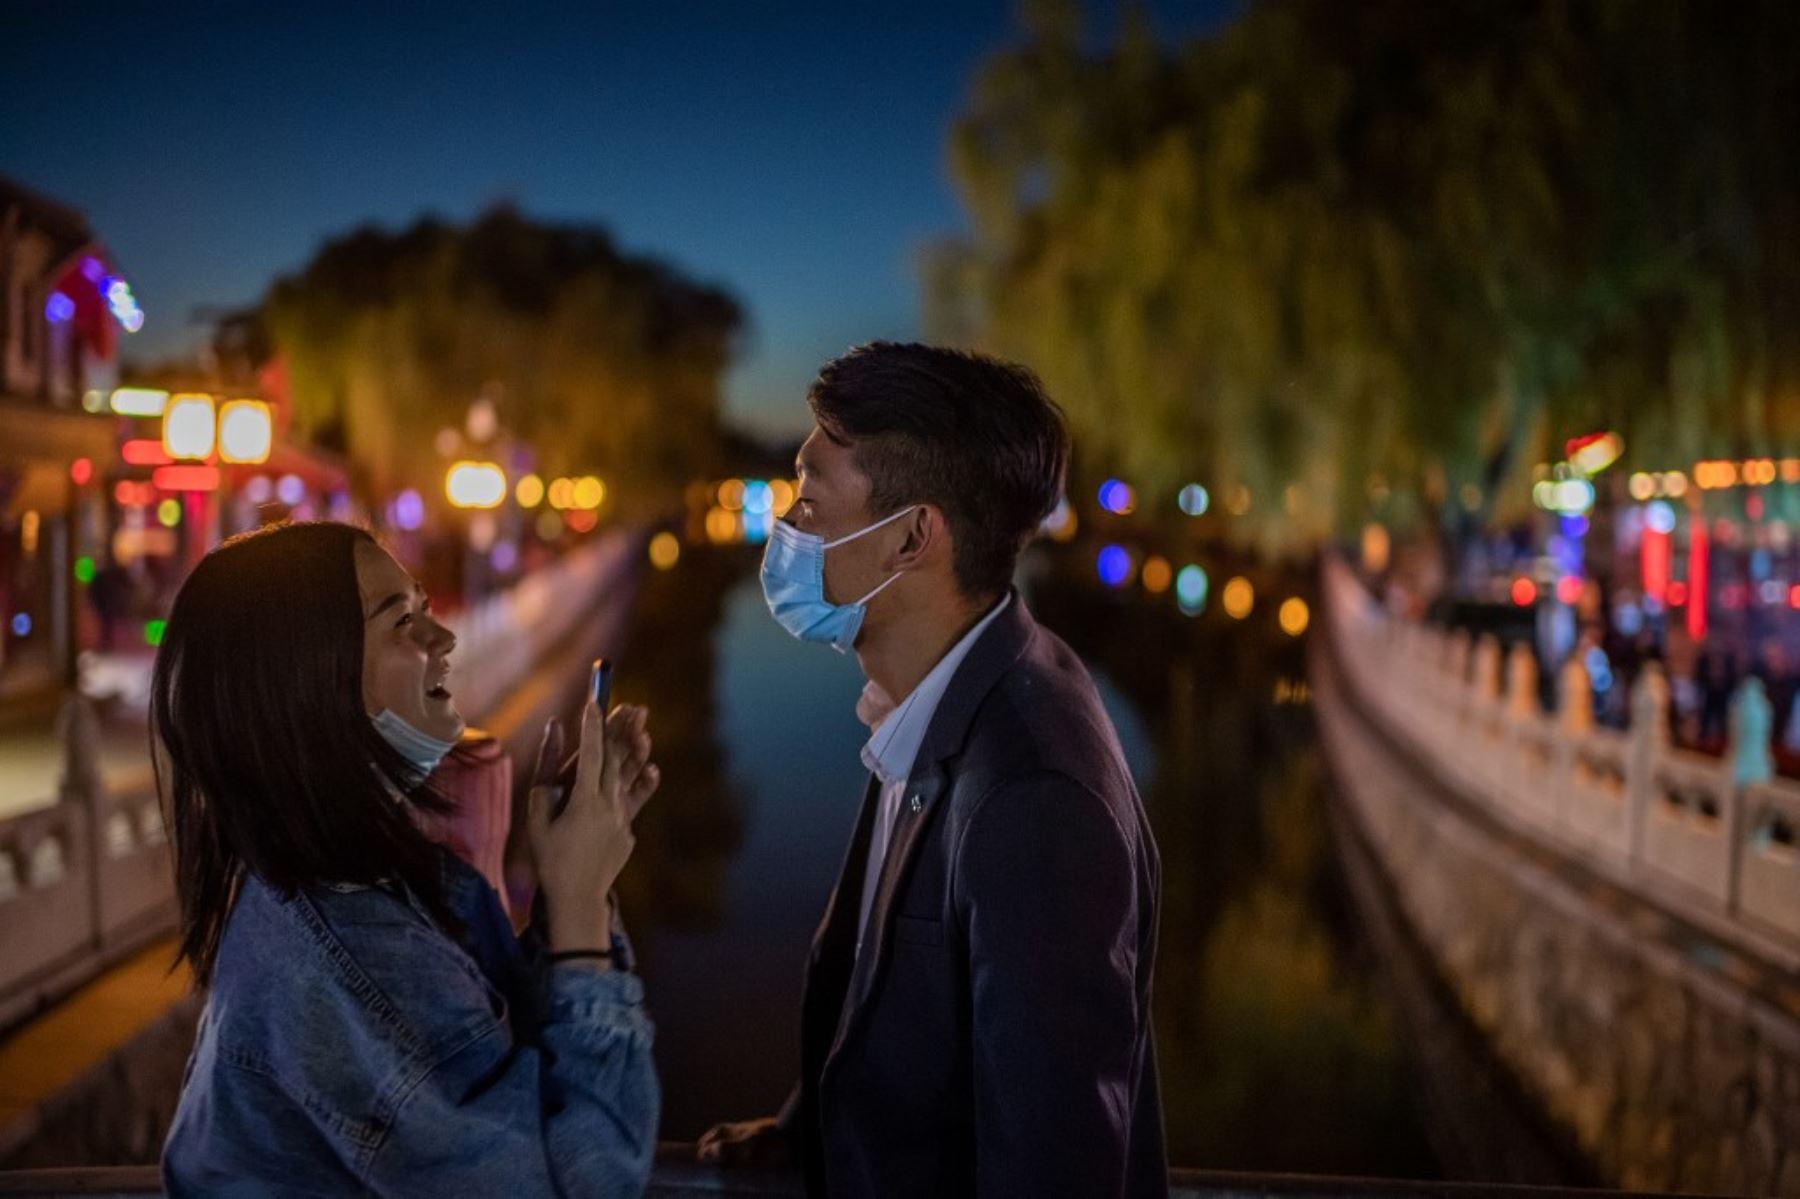 Una pareja que usa máscaras faciales como medida preventiva contra el Covid-19 se ríe mientras se toman fotos con un teléfono en un puente en el lago Hu Hai en Beijing. Foto: AFP